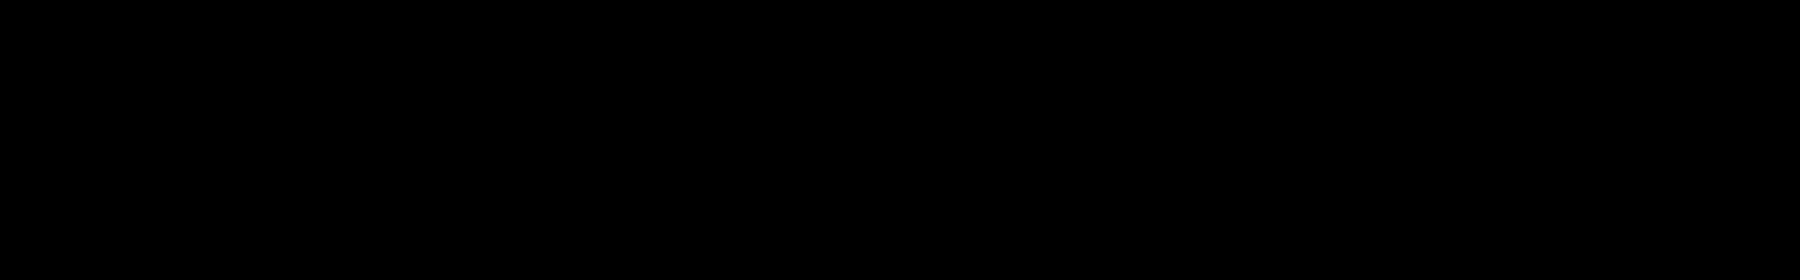 Dark Trap audio waveform